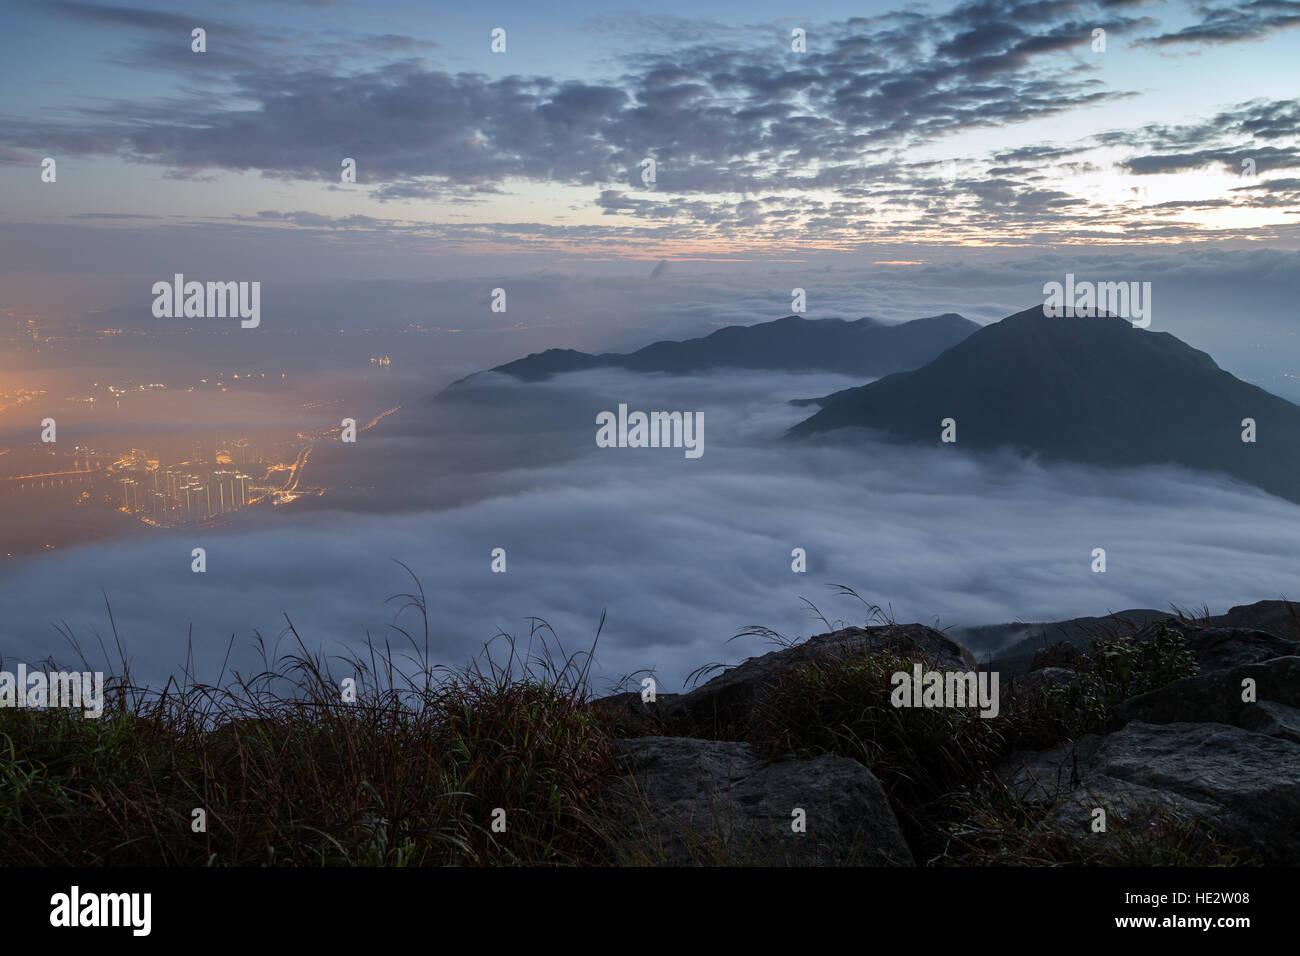 Clouds rolling over mountain peaks on Lantau Island, viewed from Lantau Peak (the 2nd highest peak in Hong Kong, - Stock Image